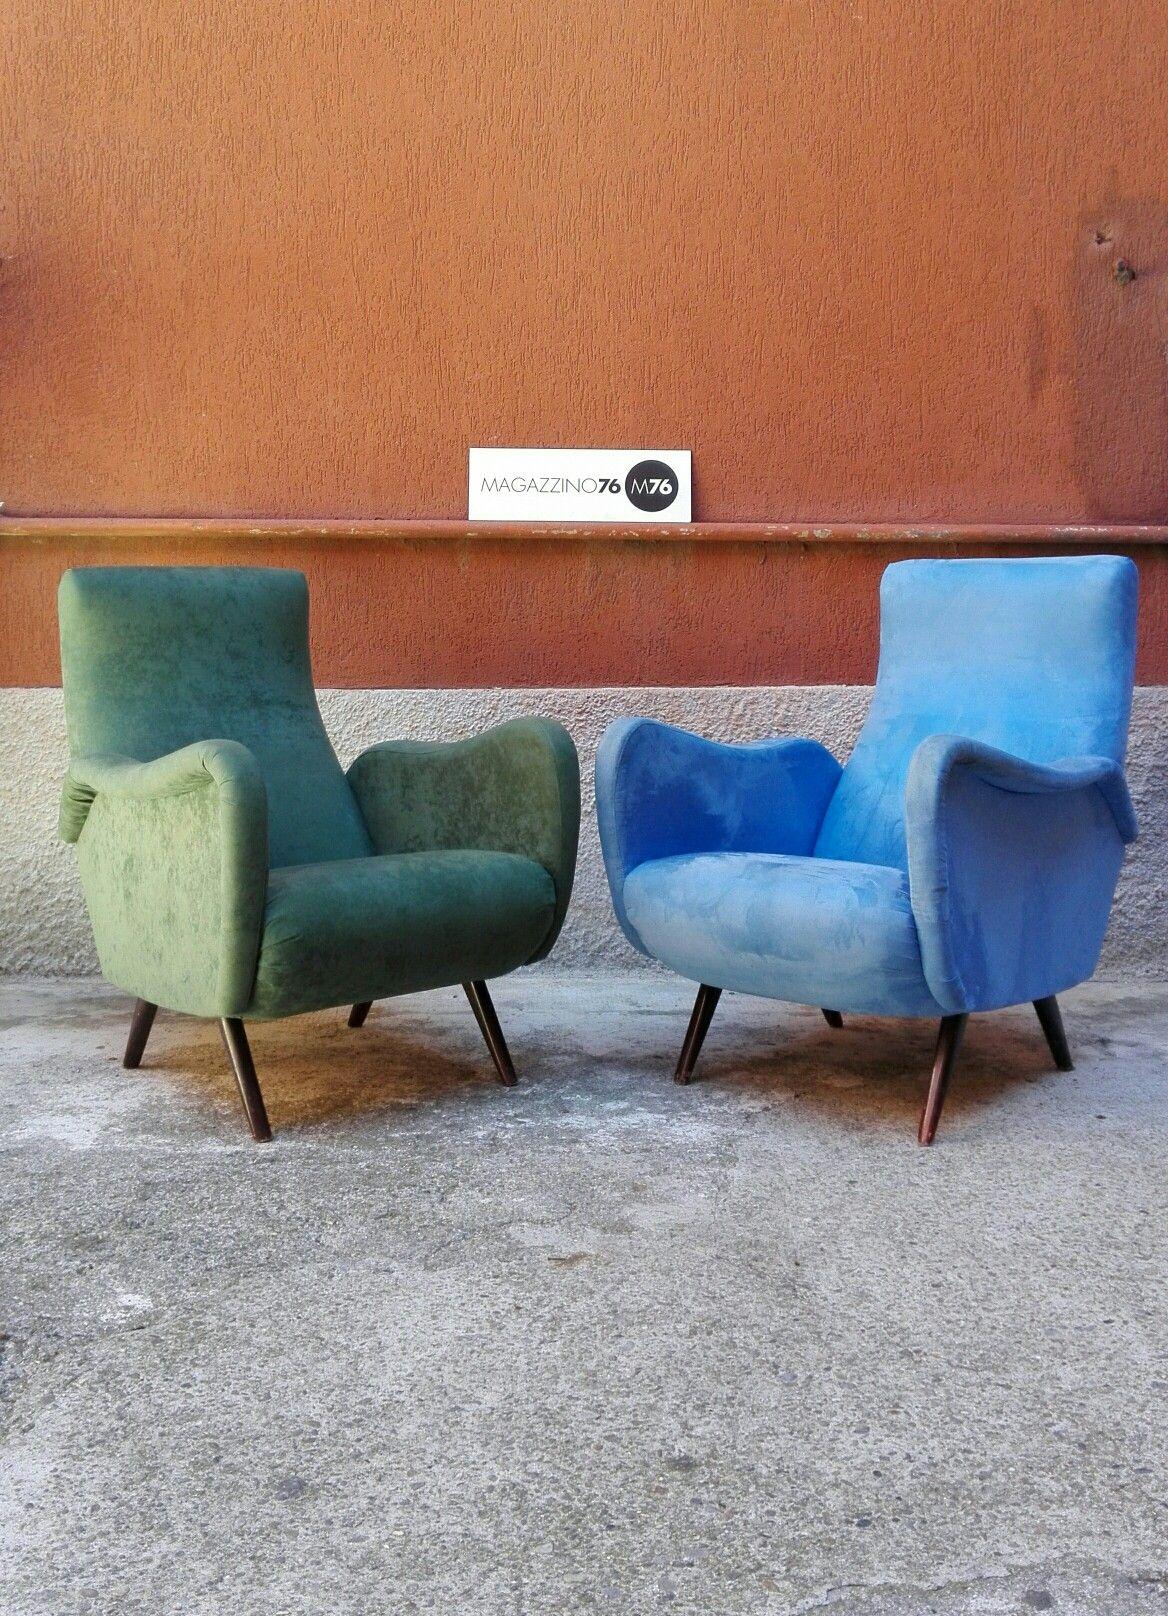 Coppia di poltrone anni 50 in tessuto verde e azzurro for Poste mobili 0 pensieri small